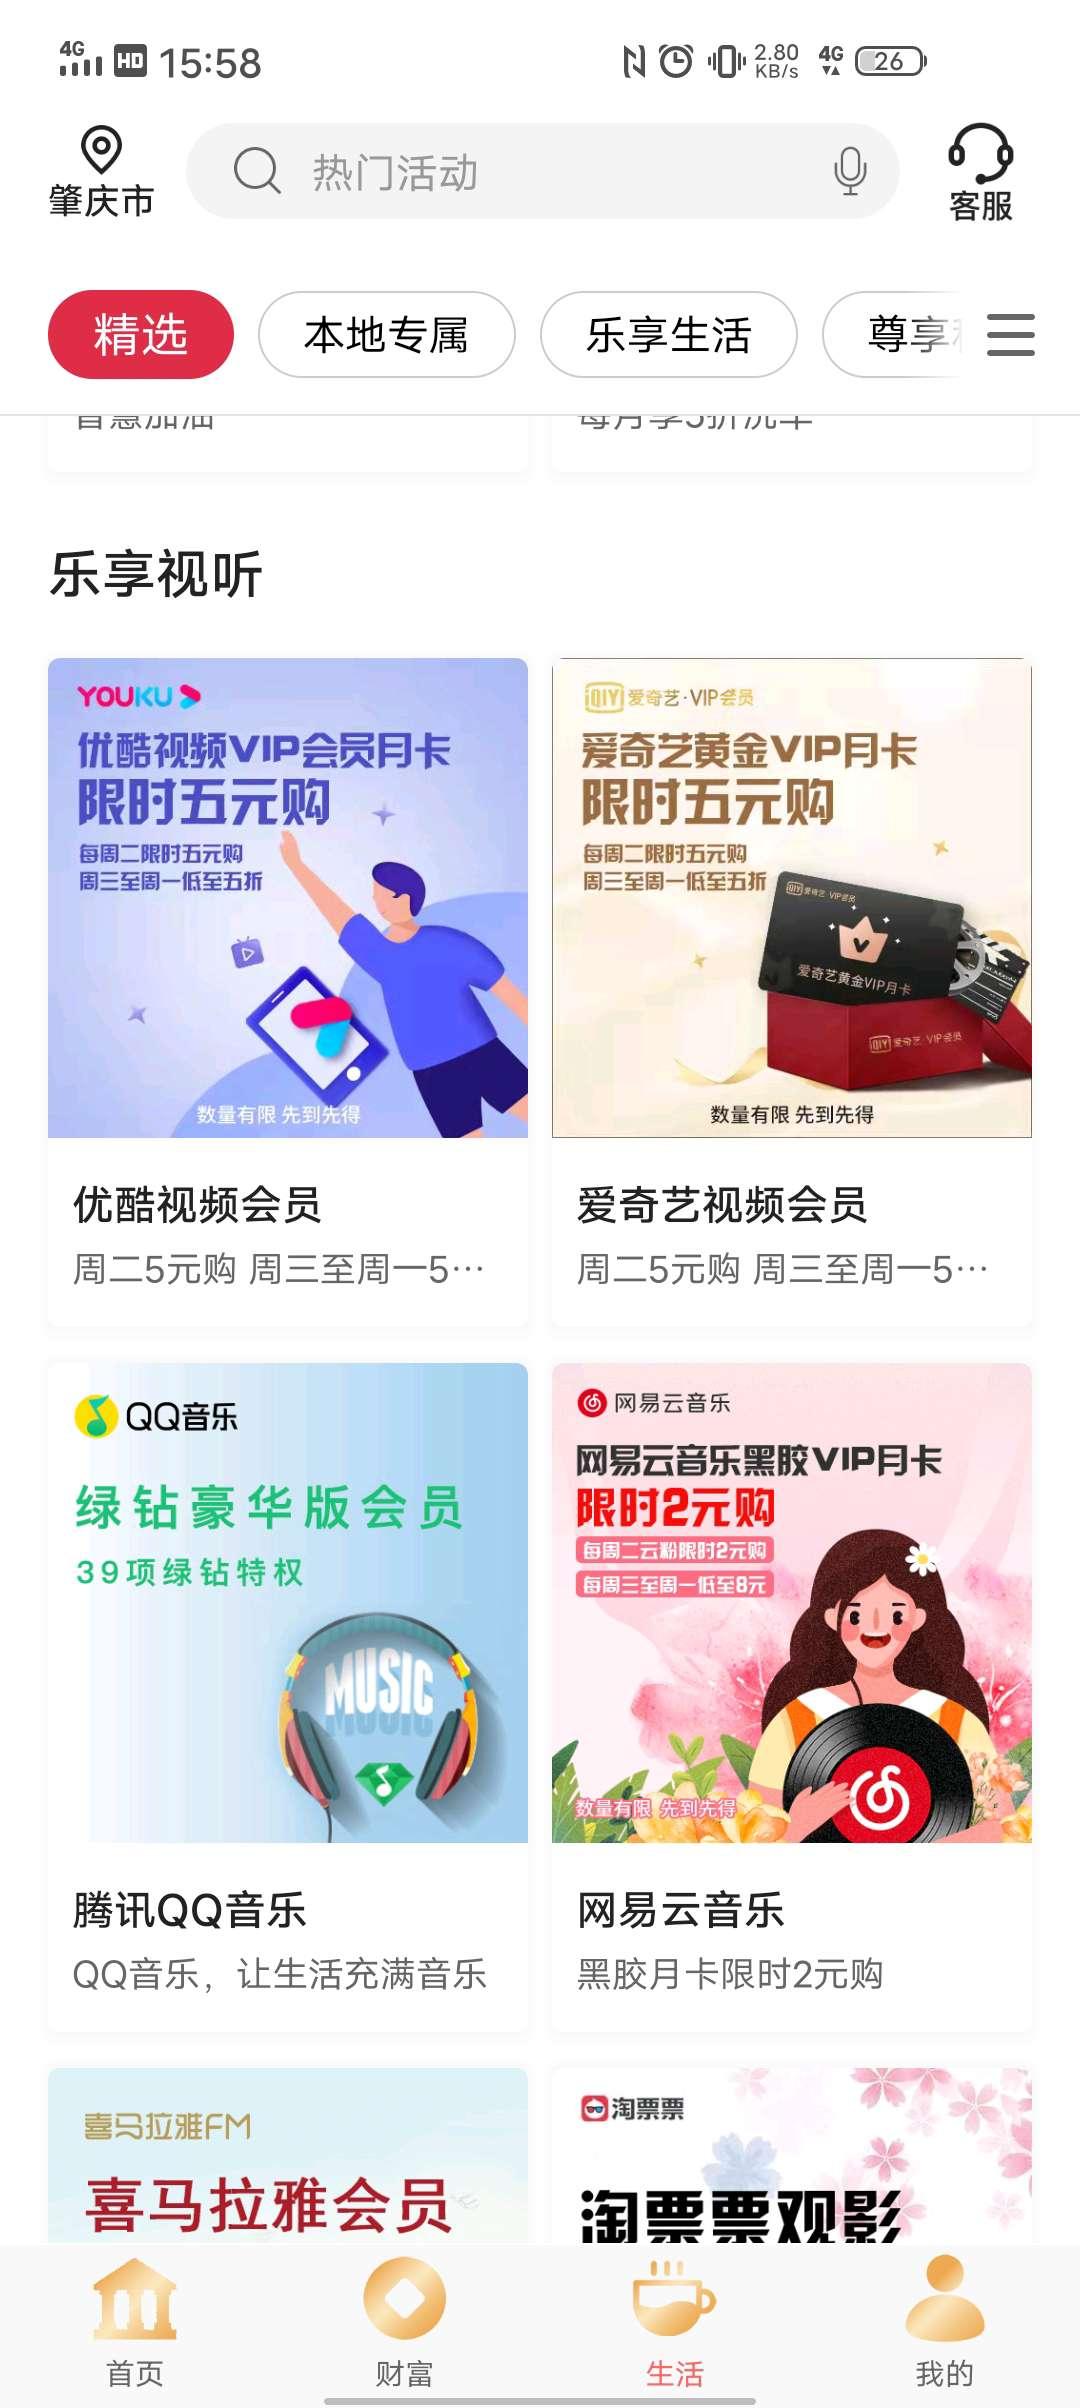 中国银行2元网易云月卡